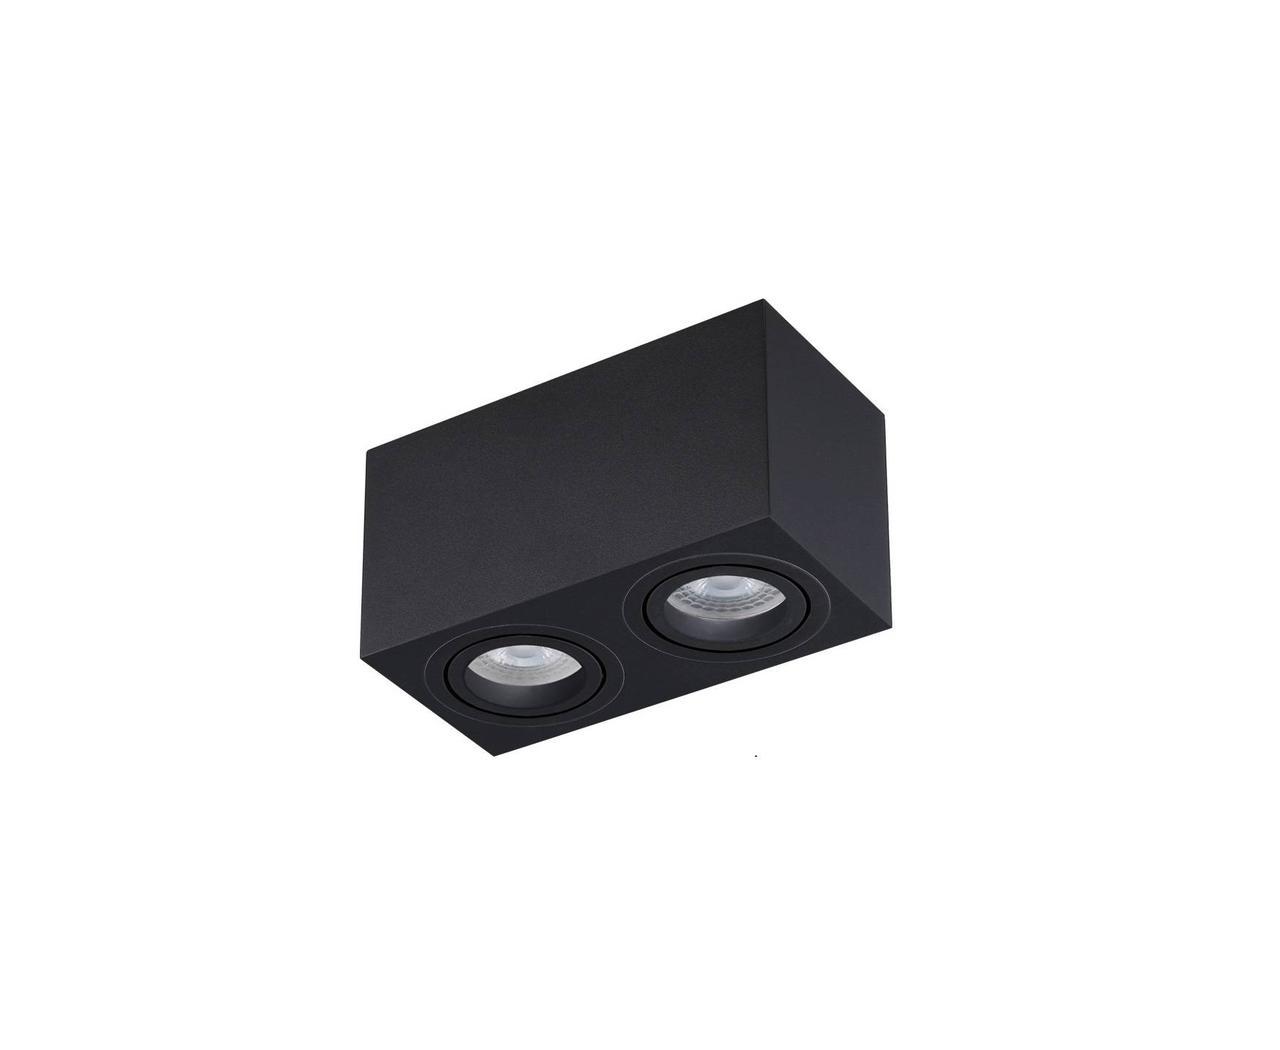 Led спот накладной двойной черный квадрат TH5835 BK